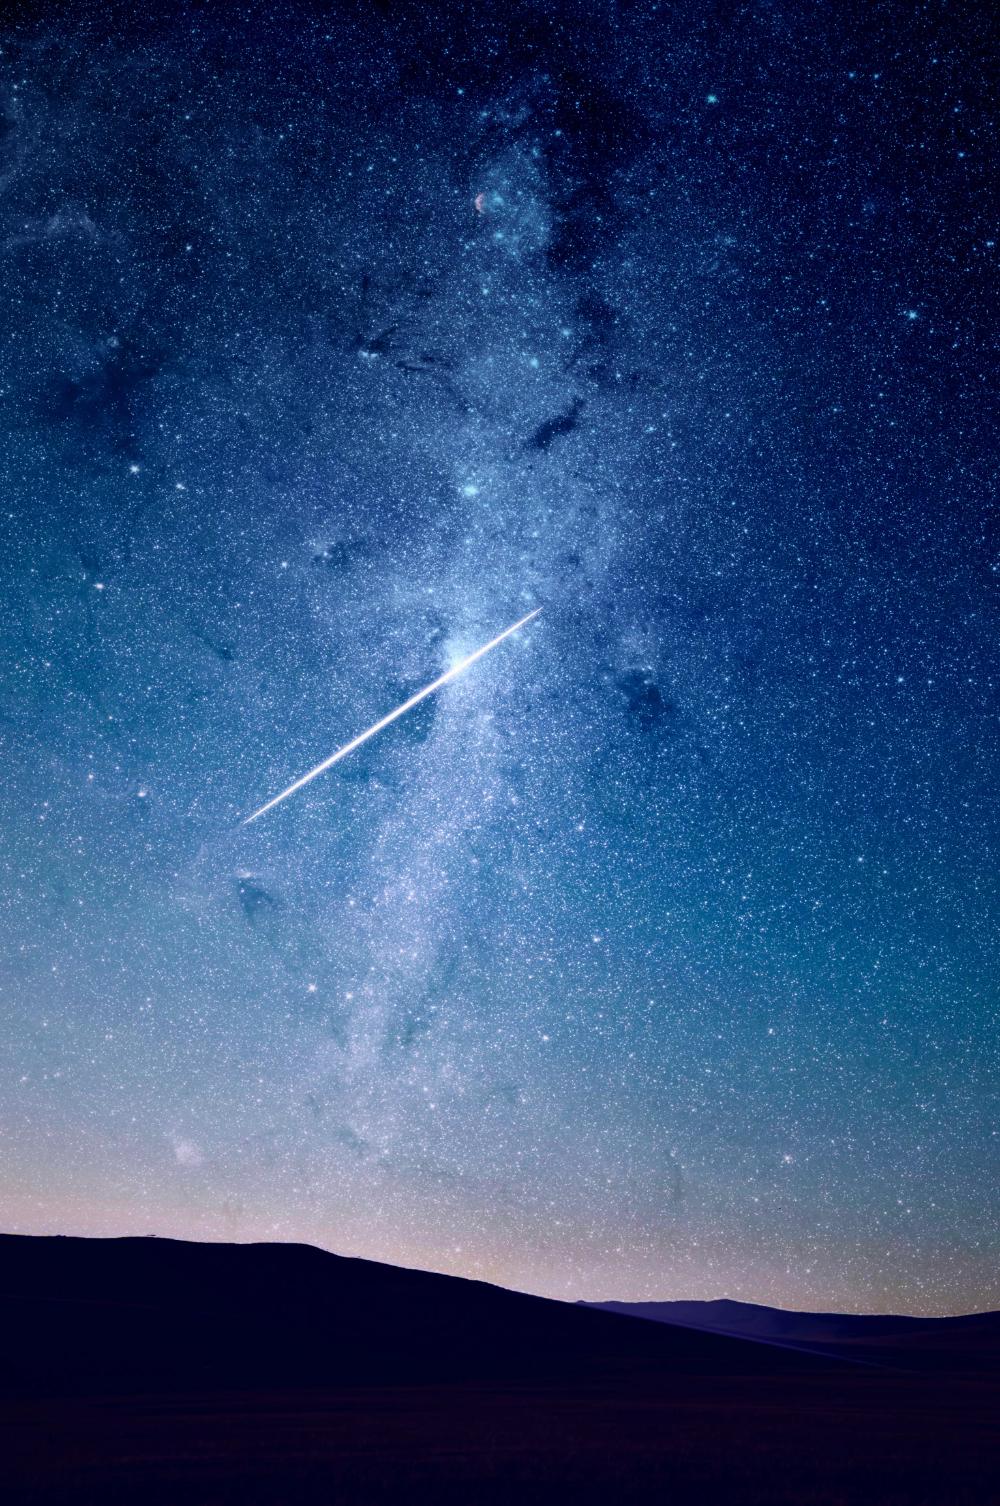 Shooting Star Under Blue Sky Photo Free Space Image On Unsplash Sky Photos Night Sky Stars Starry Night Sky